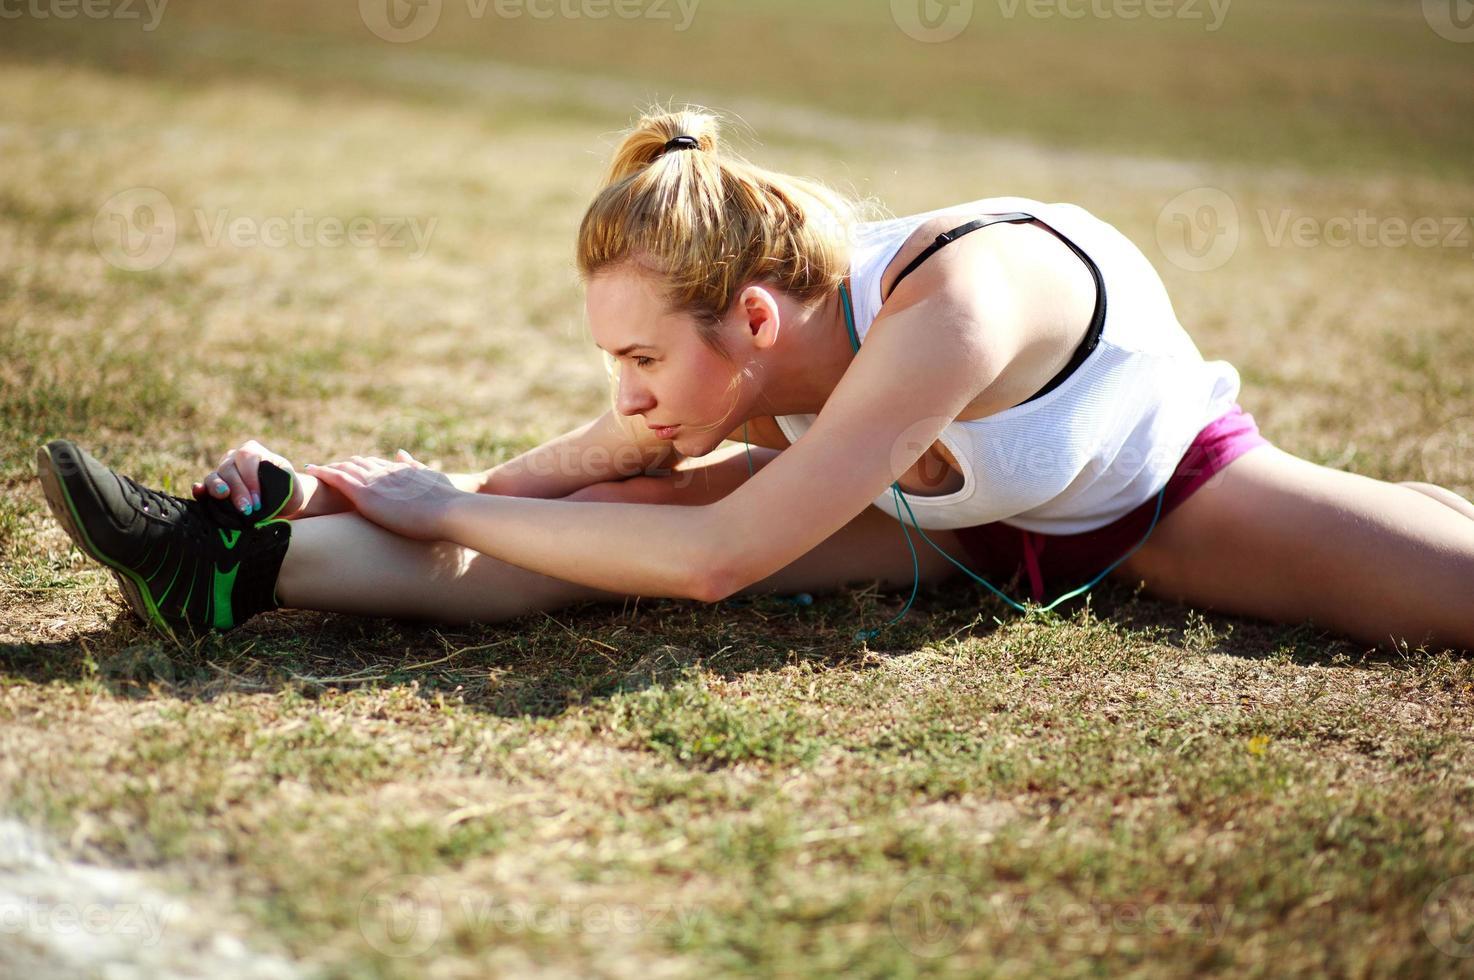 jovem fazendo exercícios de alongamento, treino na grama foto